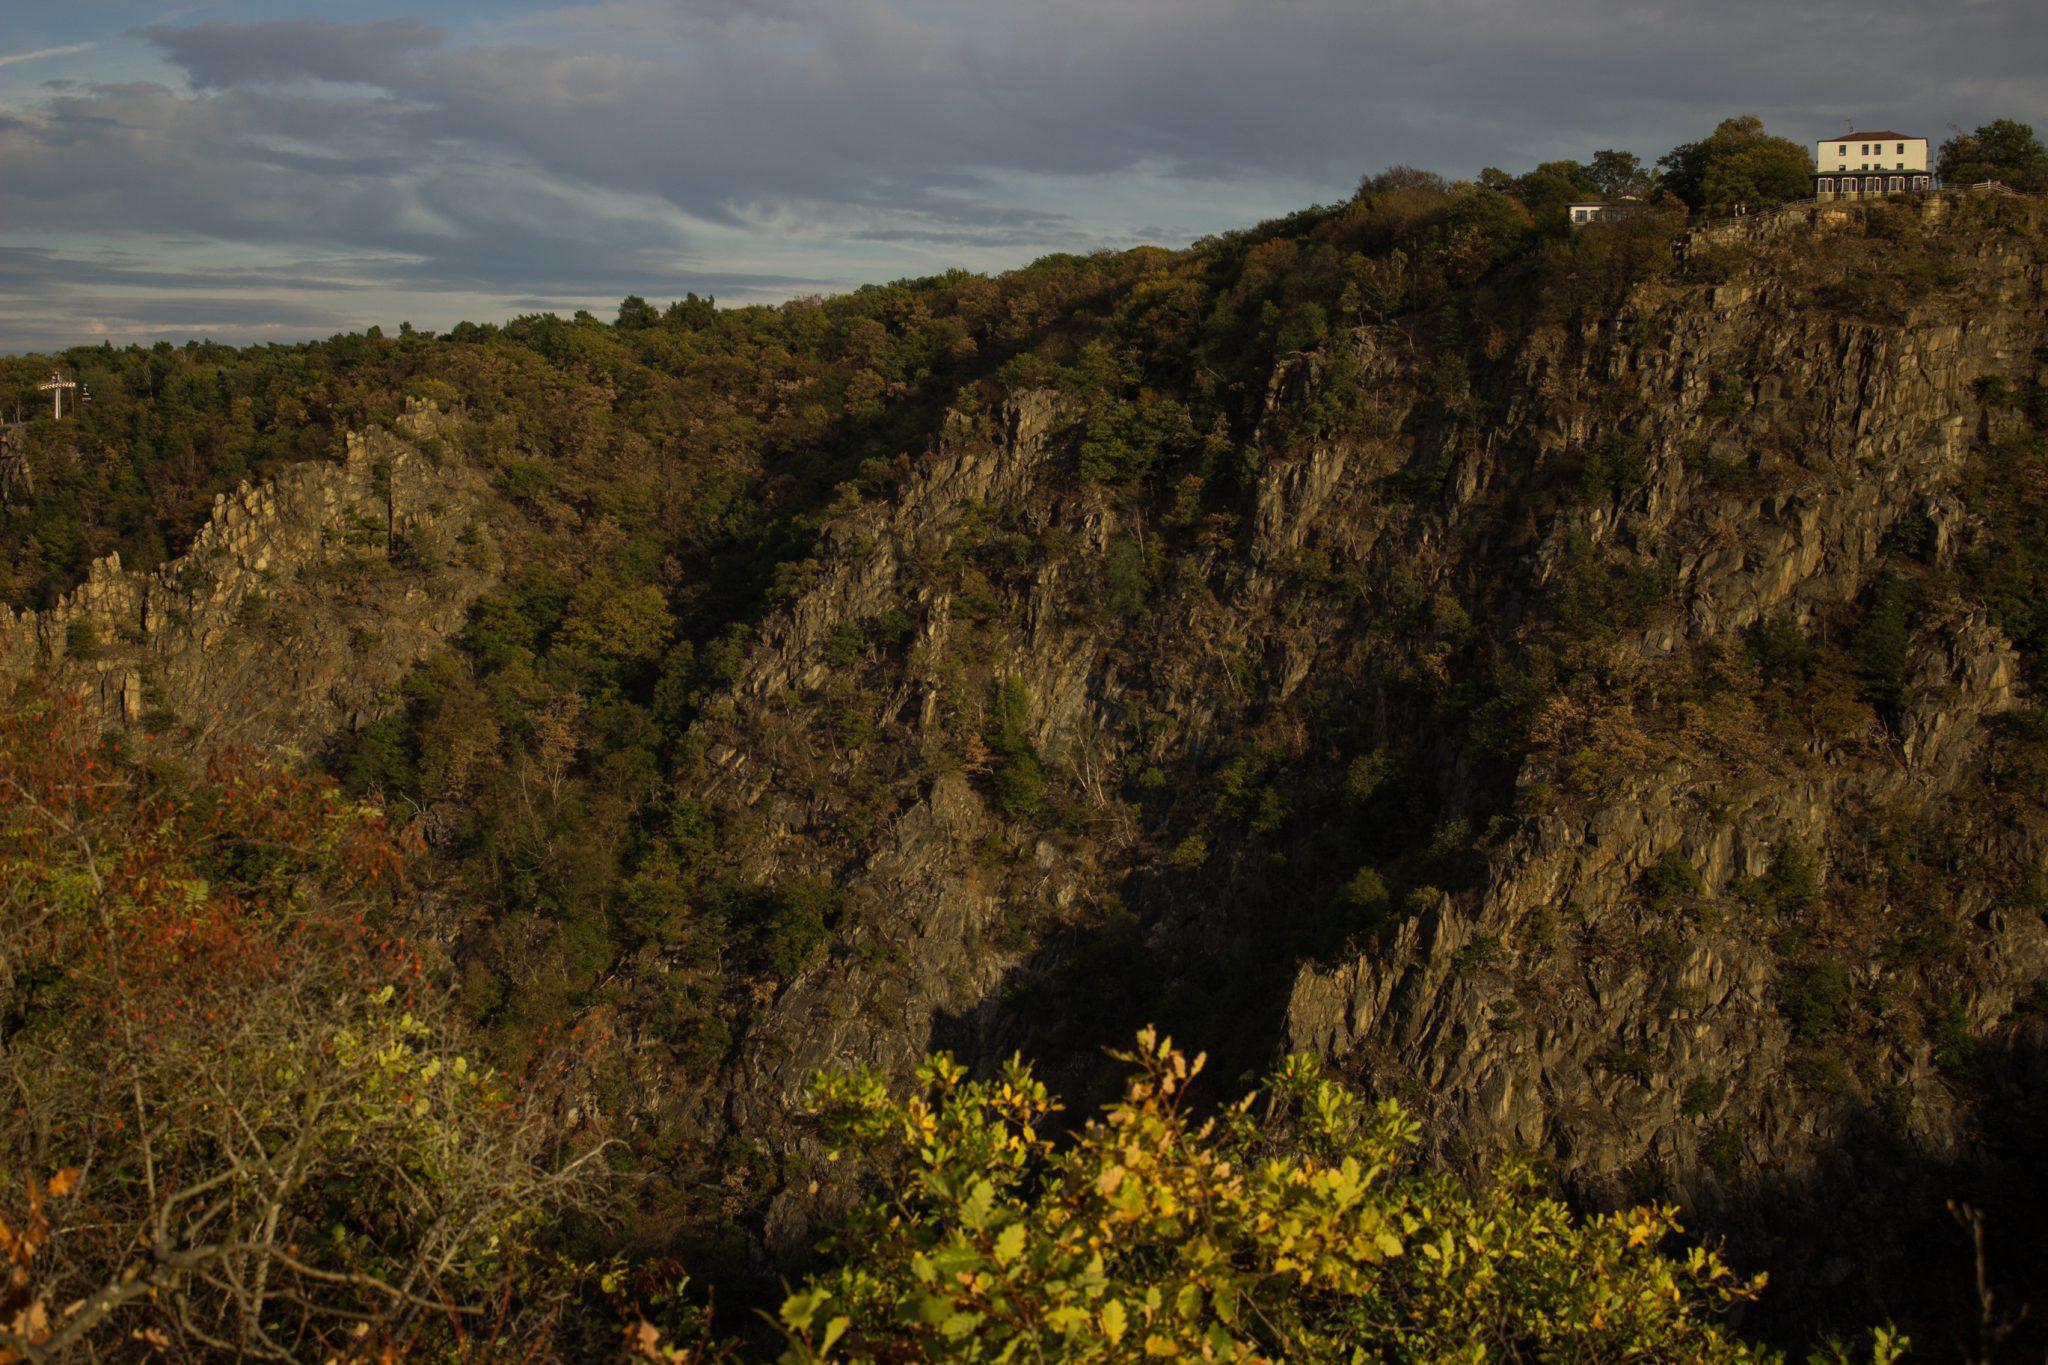 Rundwanderung Thale nach Treseburg - über Hexentanzplatz, Bodetal und Roßtrappe, beeindruckende Aussicht von der Roßtrappe auf den gegenüberliegenden Hexentanzplatz, riesige Steilwände aus Fels und Blick auf beeindruckende Landschaft, große tiefe Schlucht beim Fluß Bode im Bodetal, in der Nähe von Thale beim Aussichtspunkt Roßtrappe